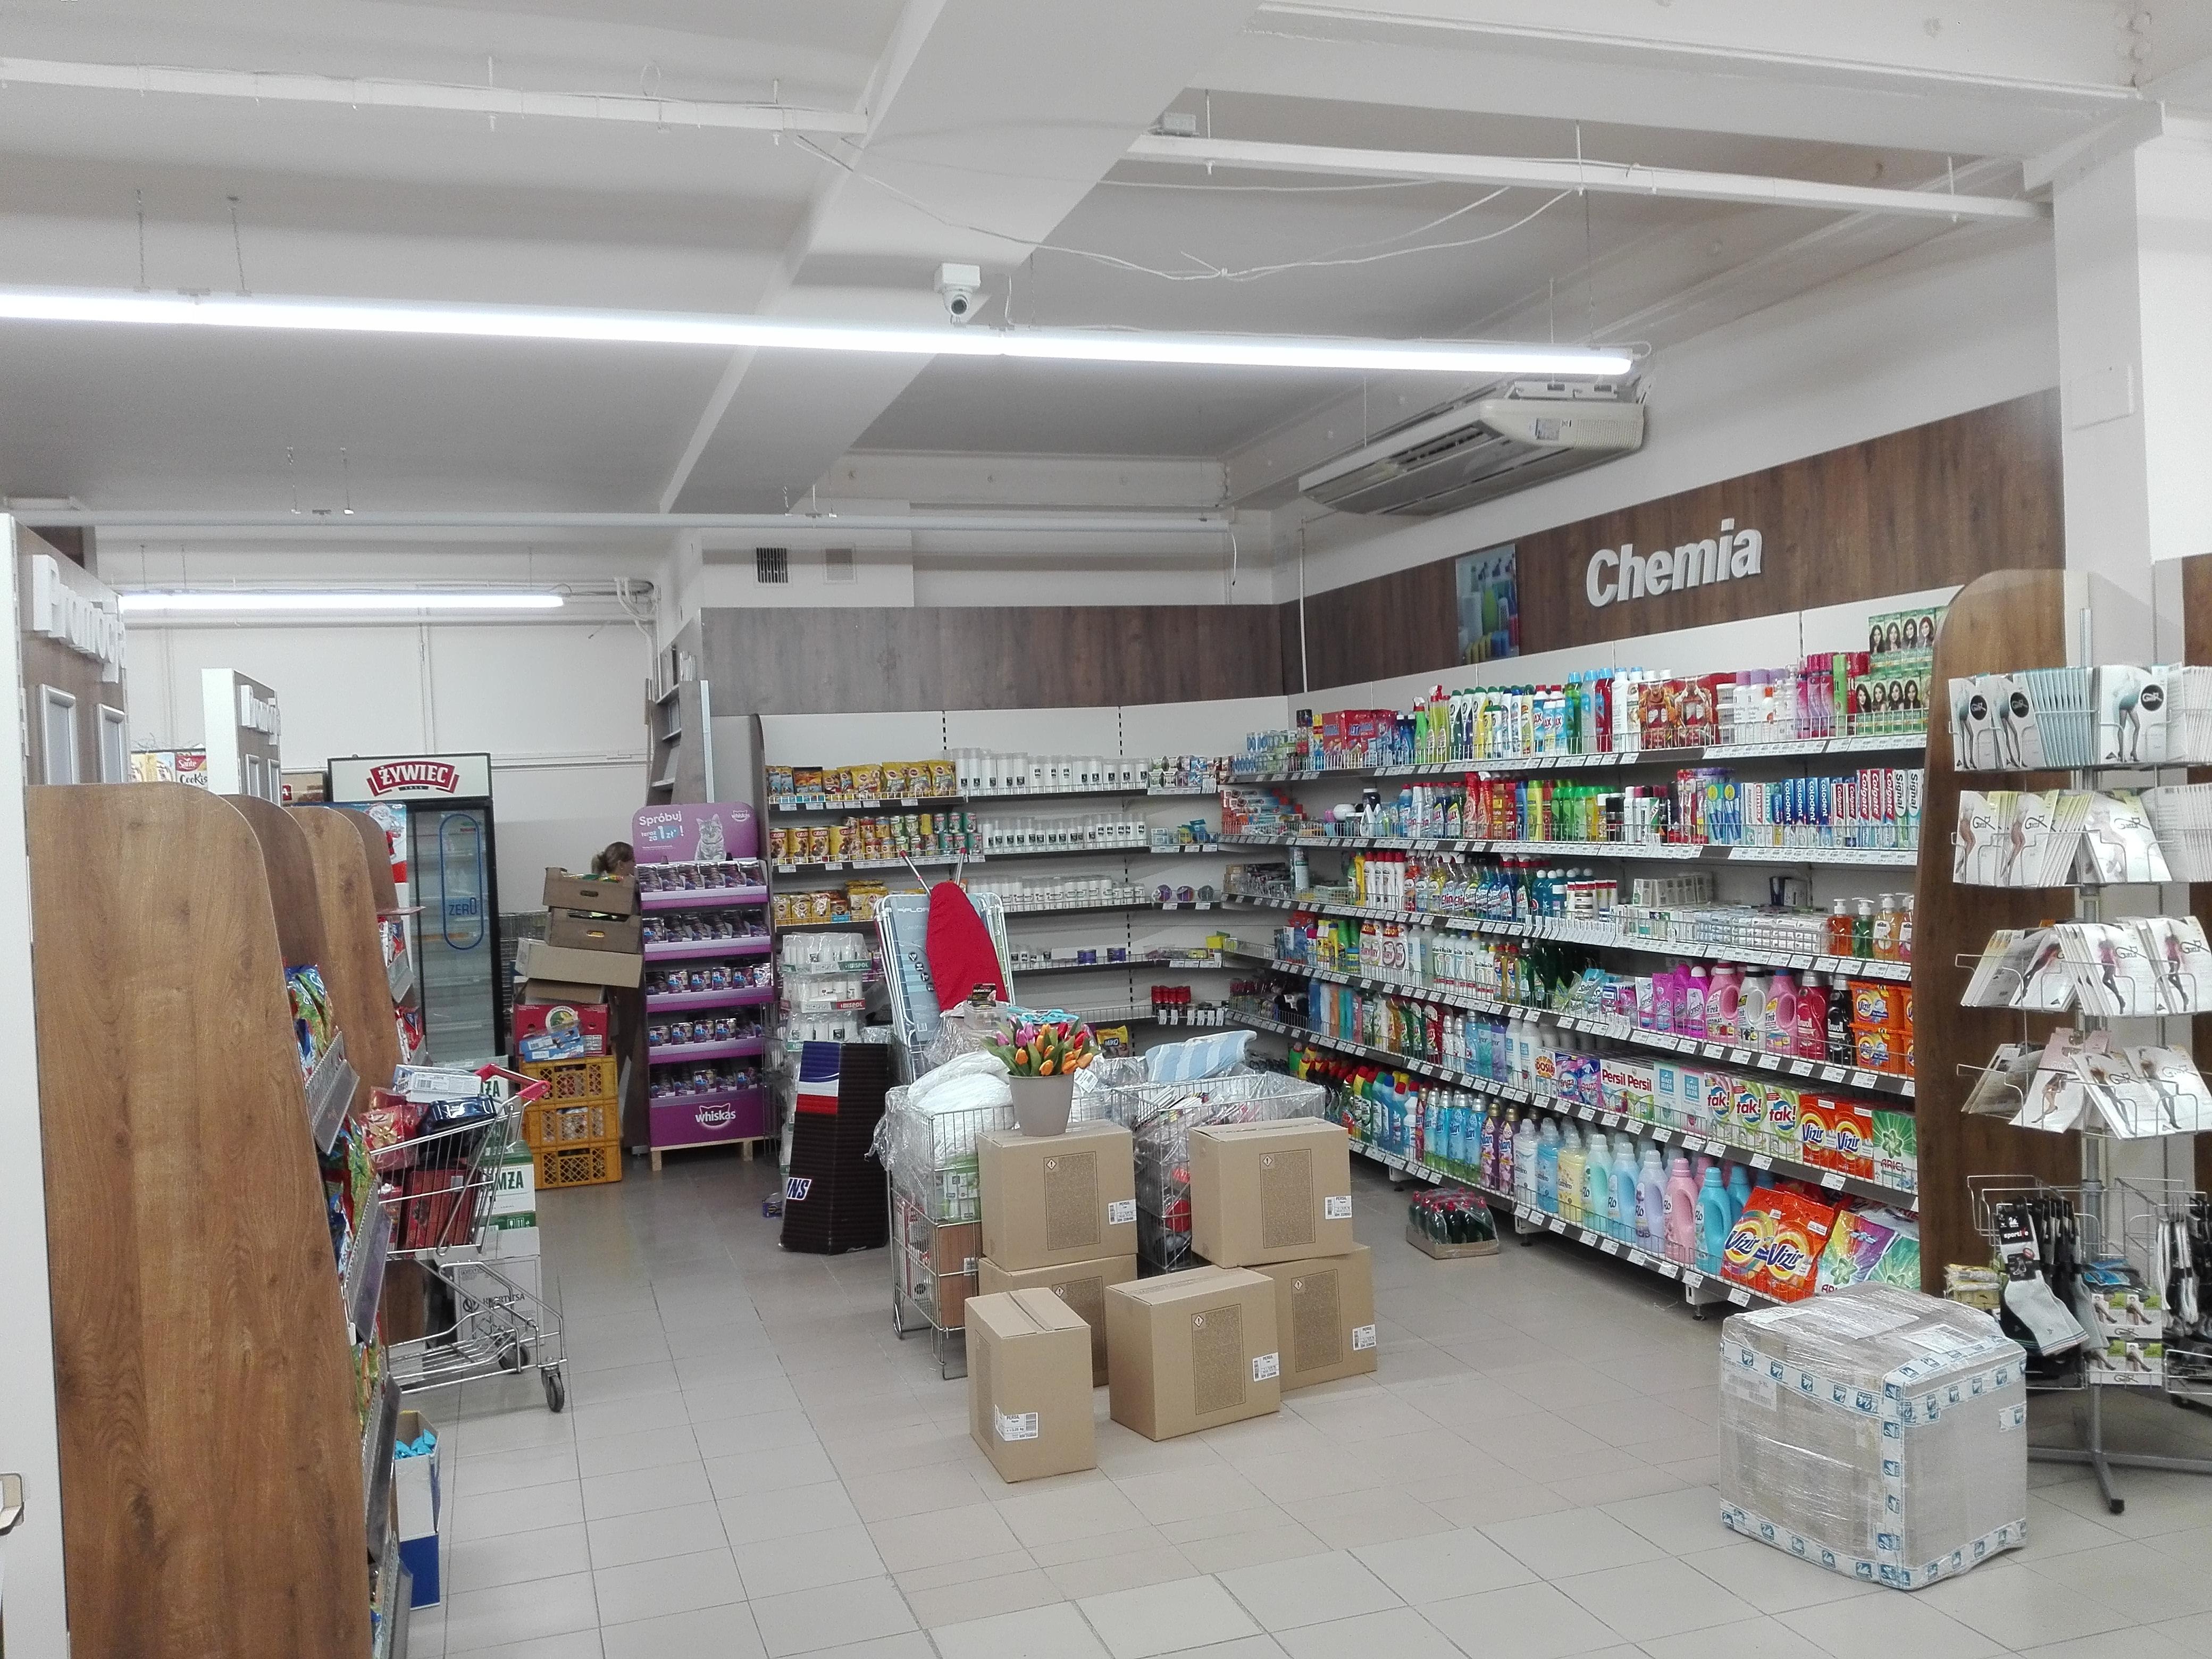 Wykonaliśmy kolejny monitoring sklepu ŻABKA w Stalowej Woli